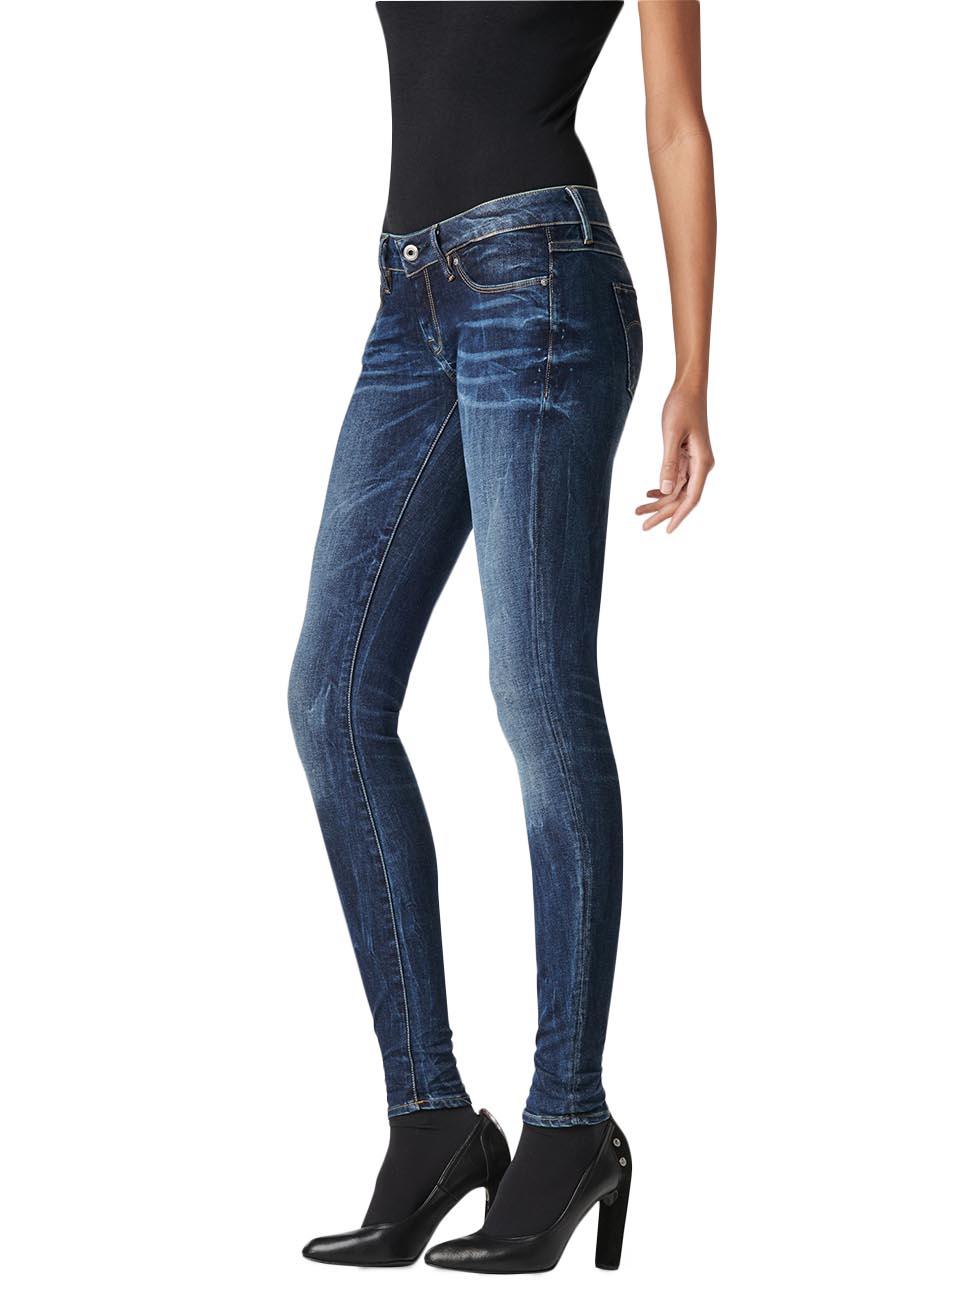 g star damen jeans 3301 low super skinny blau dark. Black Bedroom Furniture Sets. Home Design Ideas